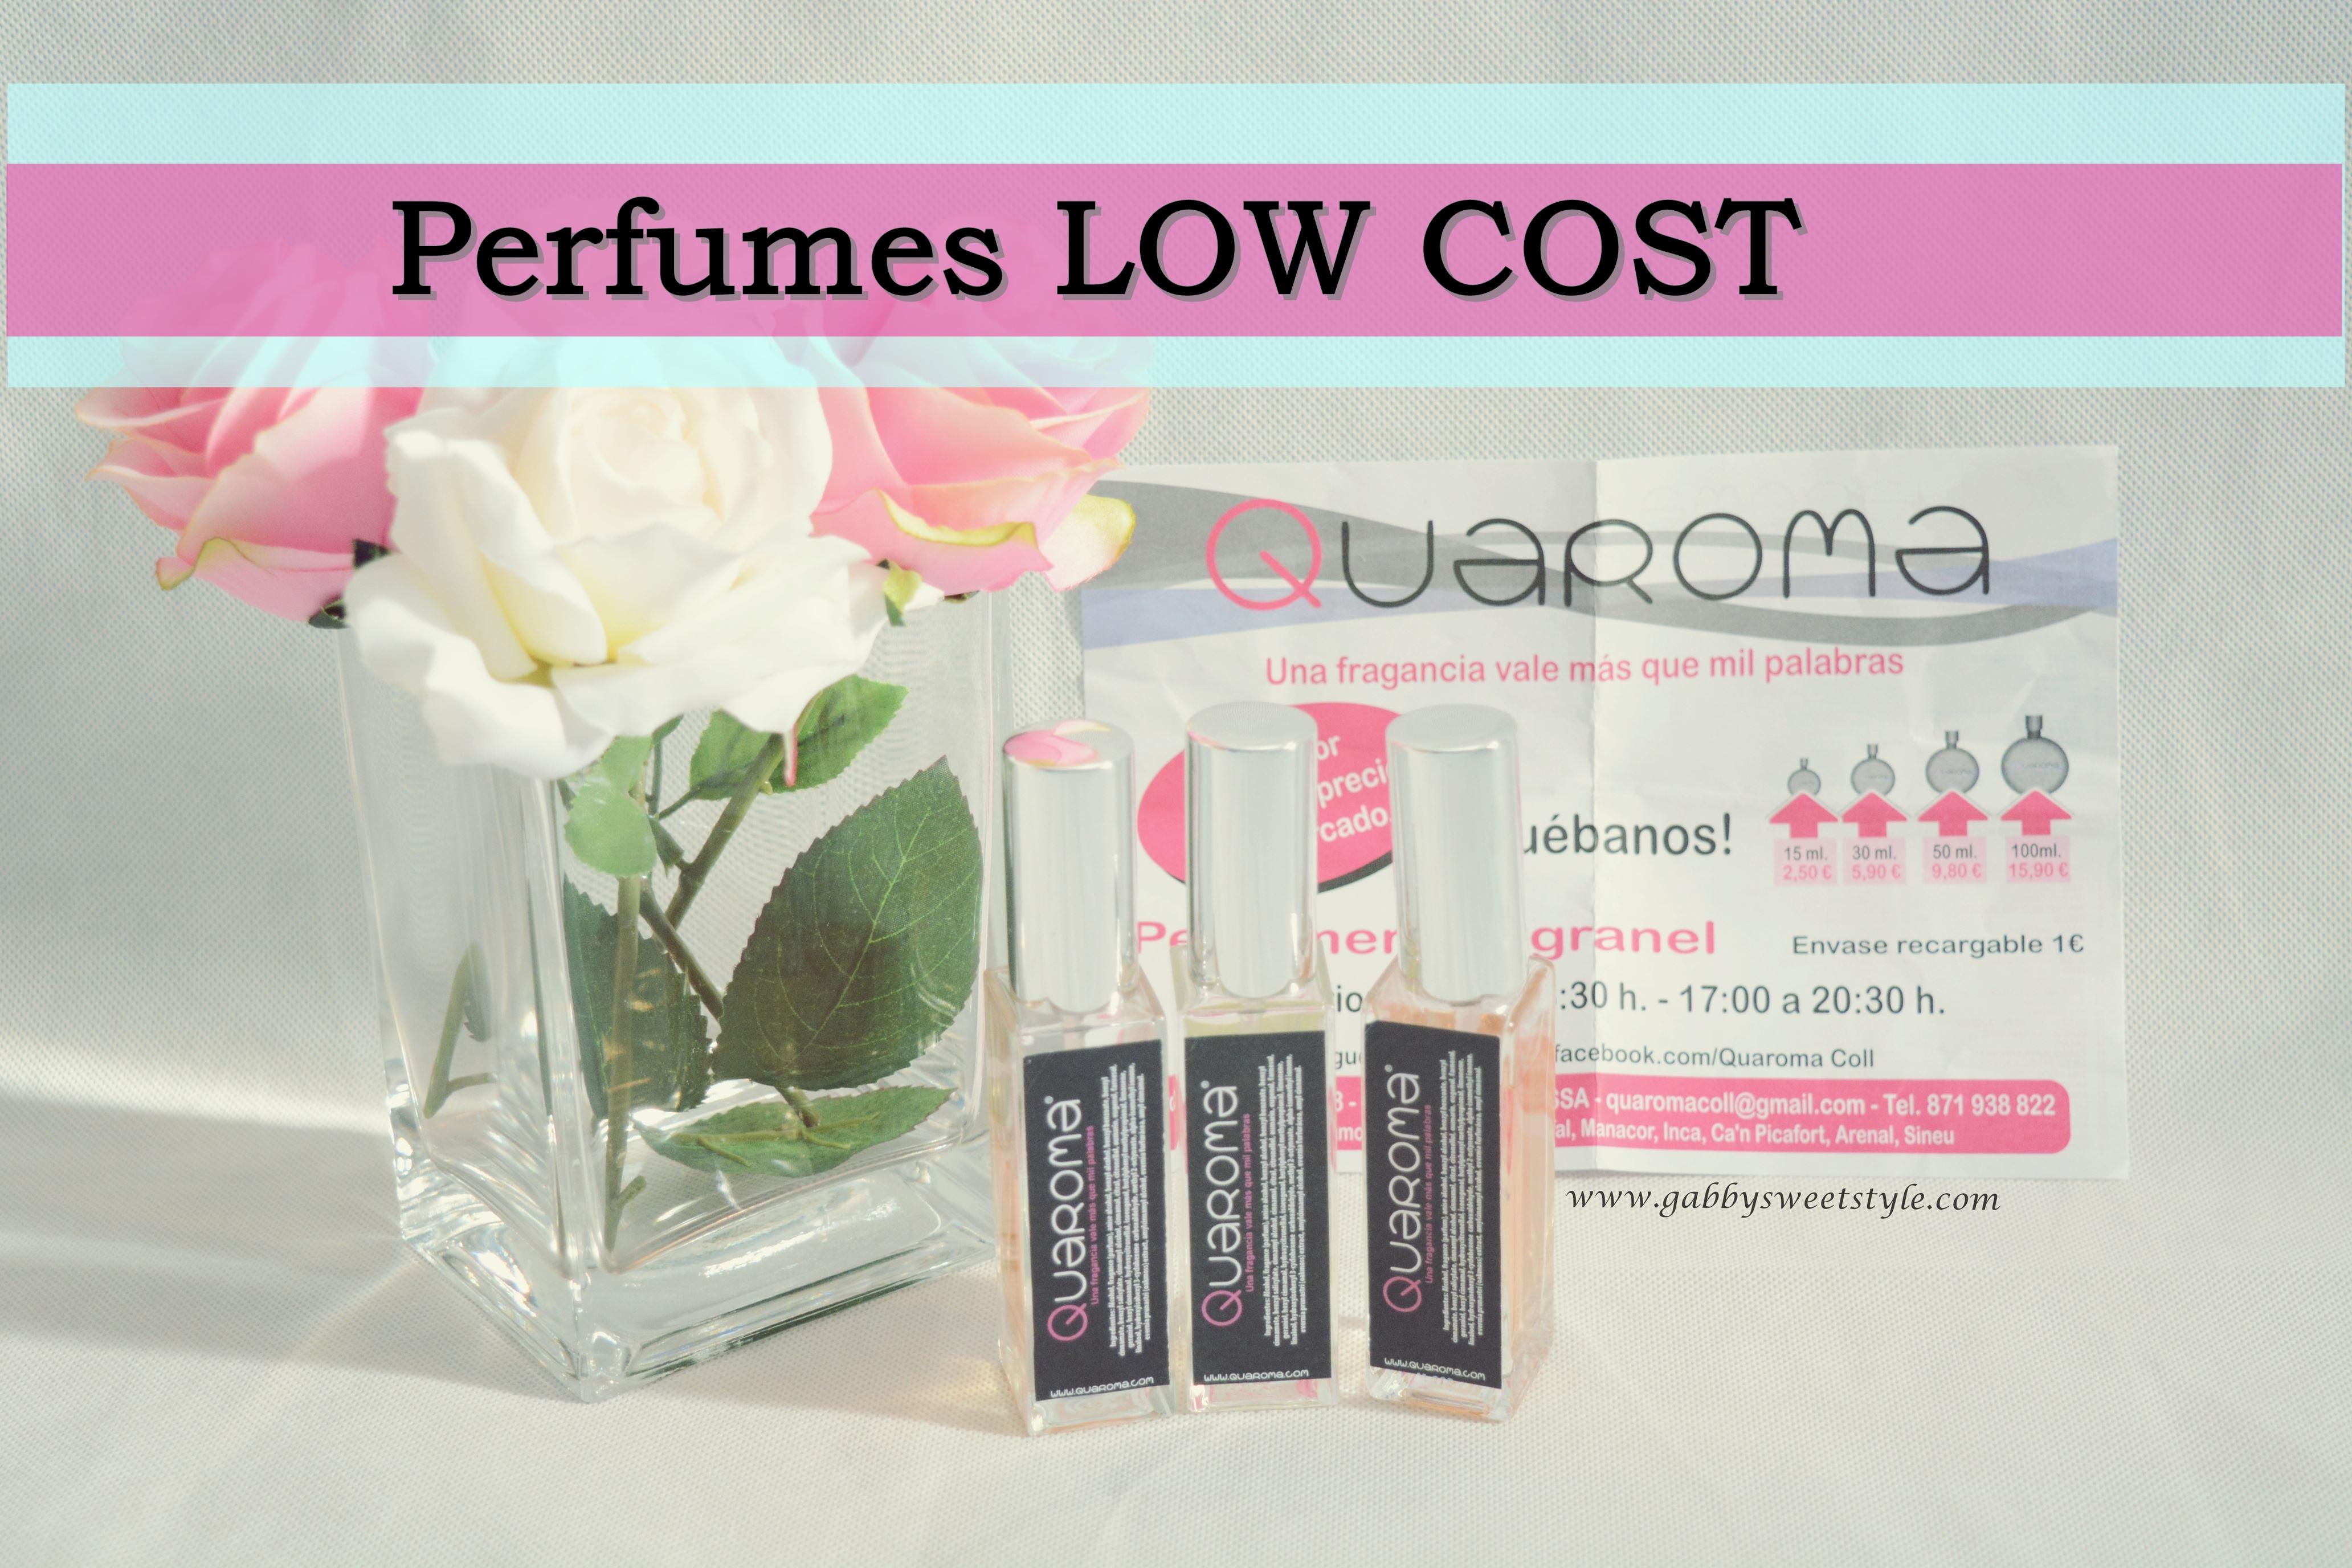 PERFUMES A PRECIOS LOW COST